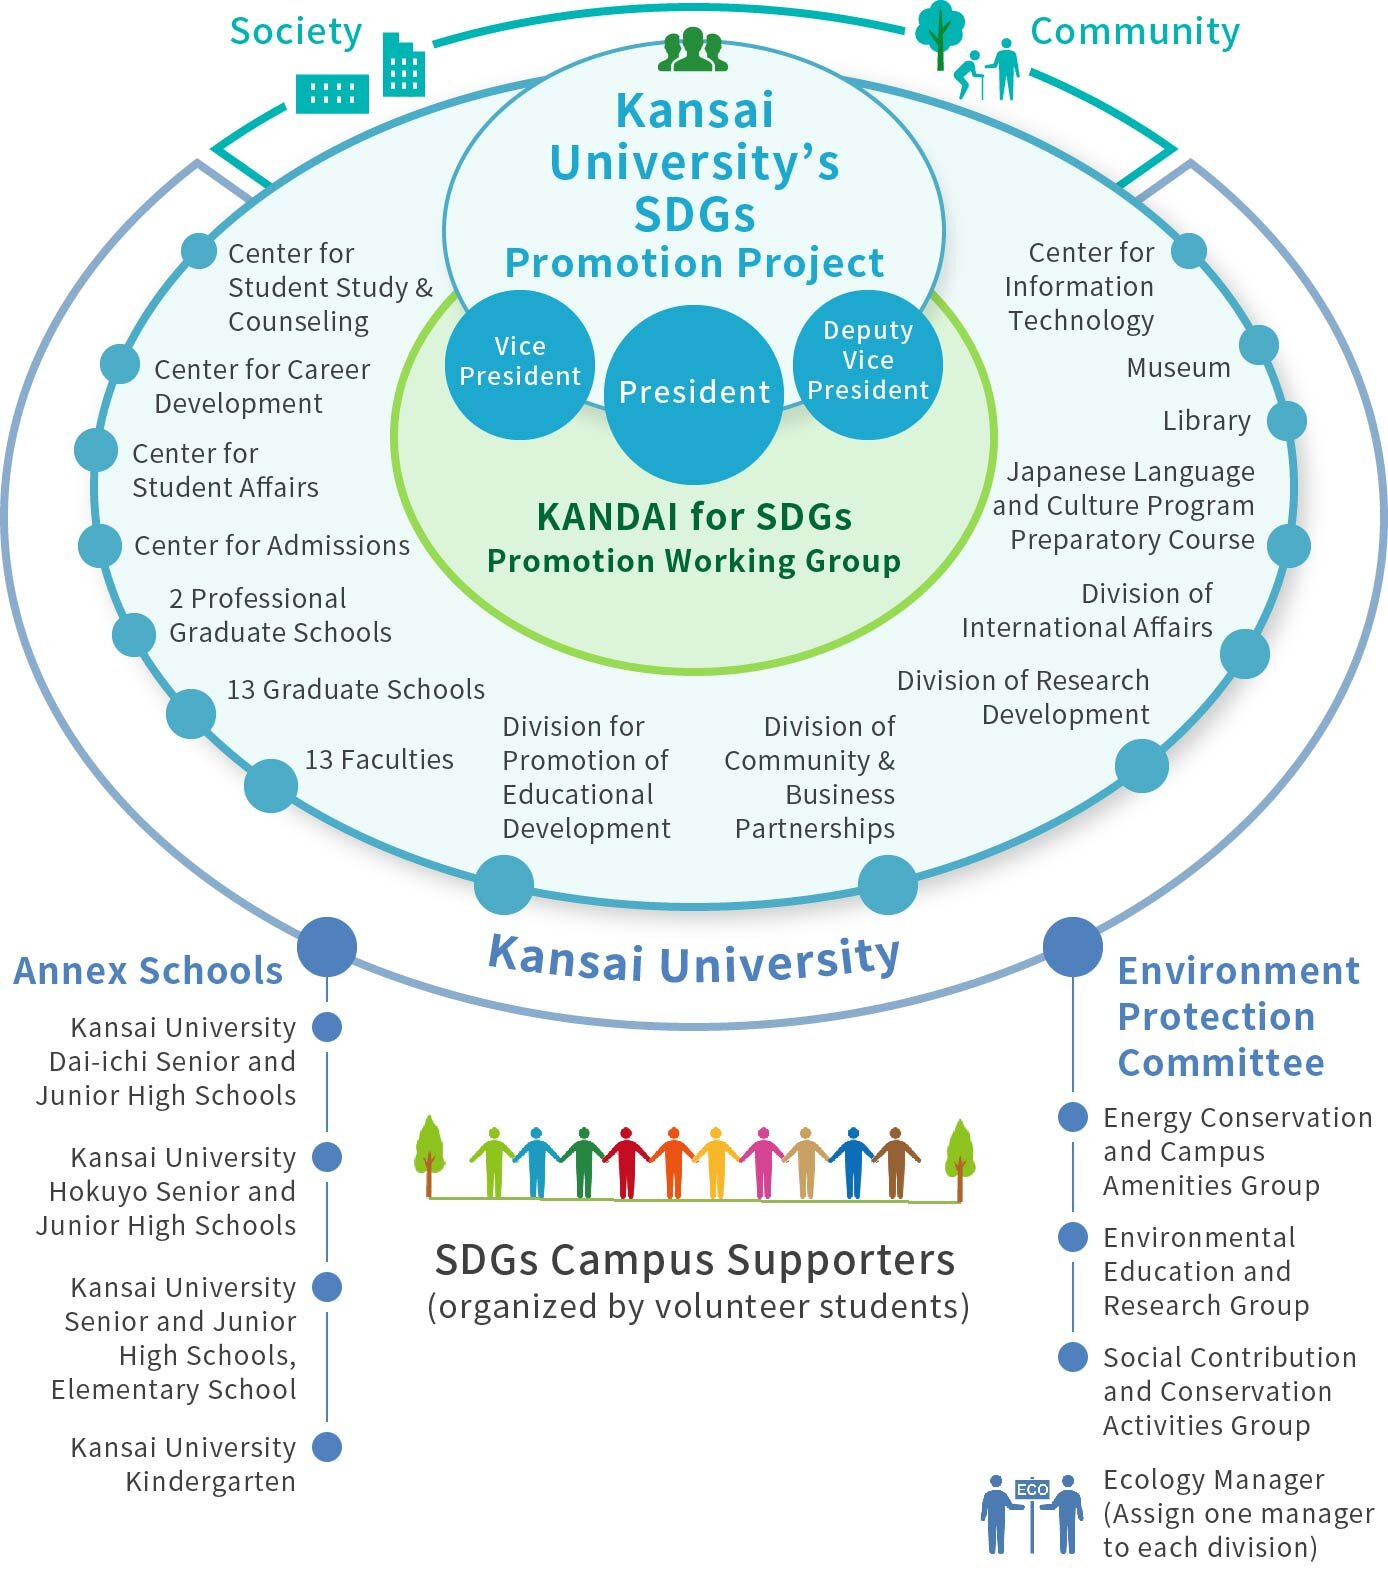 KANDAI for SDGs